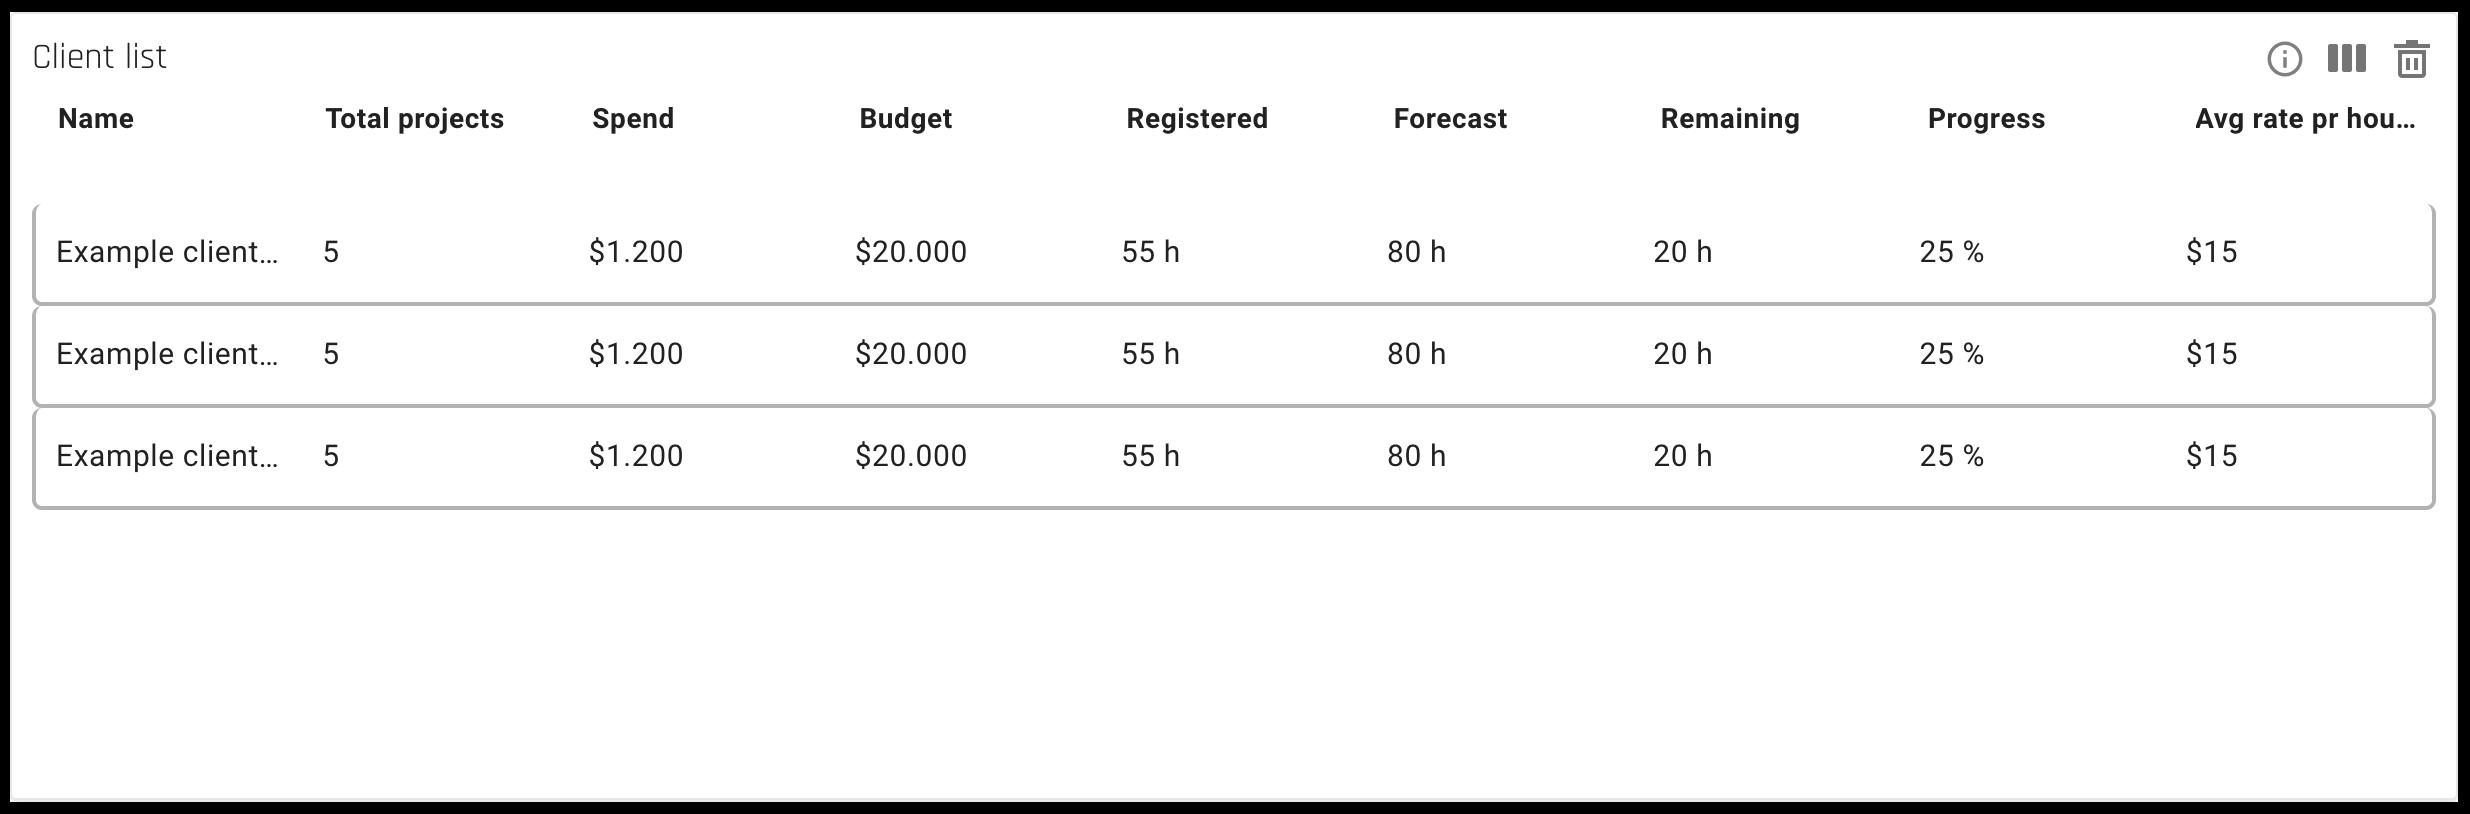 forecast_insights-portfolio-clientlist